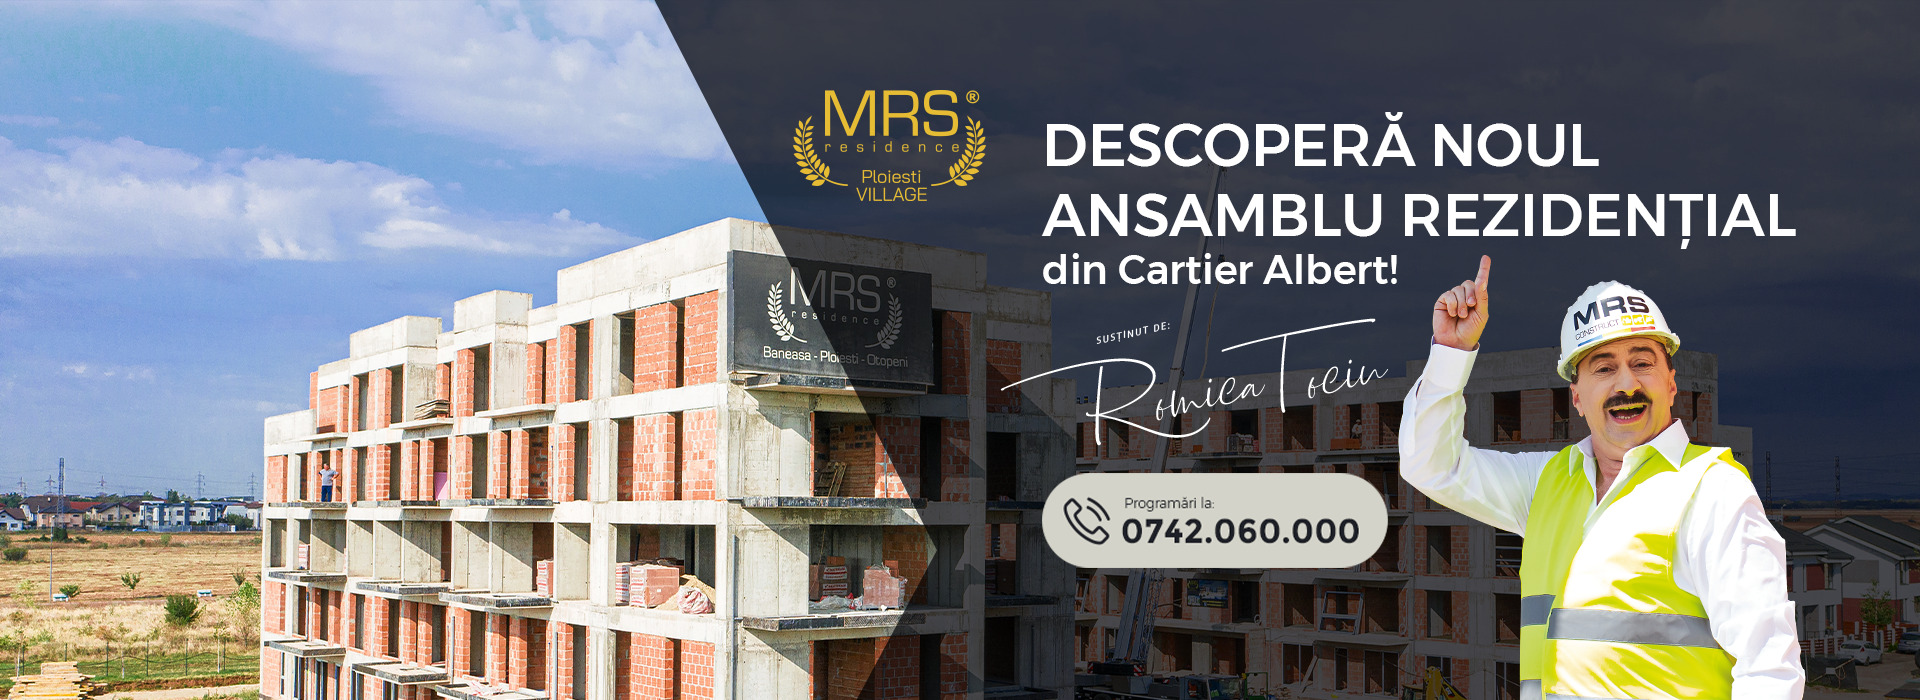 Banner_Mrs-Residence-Village